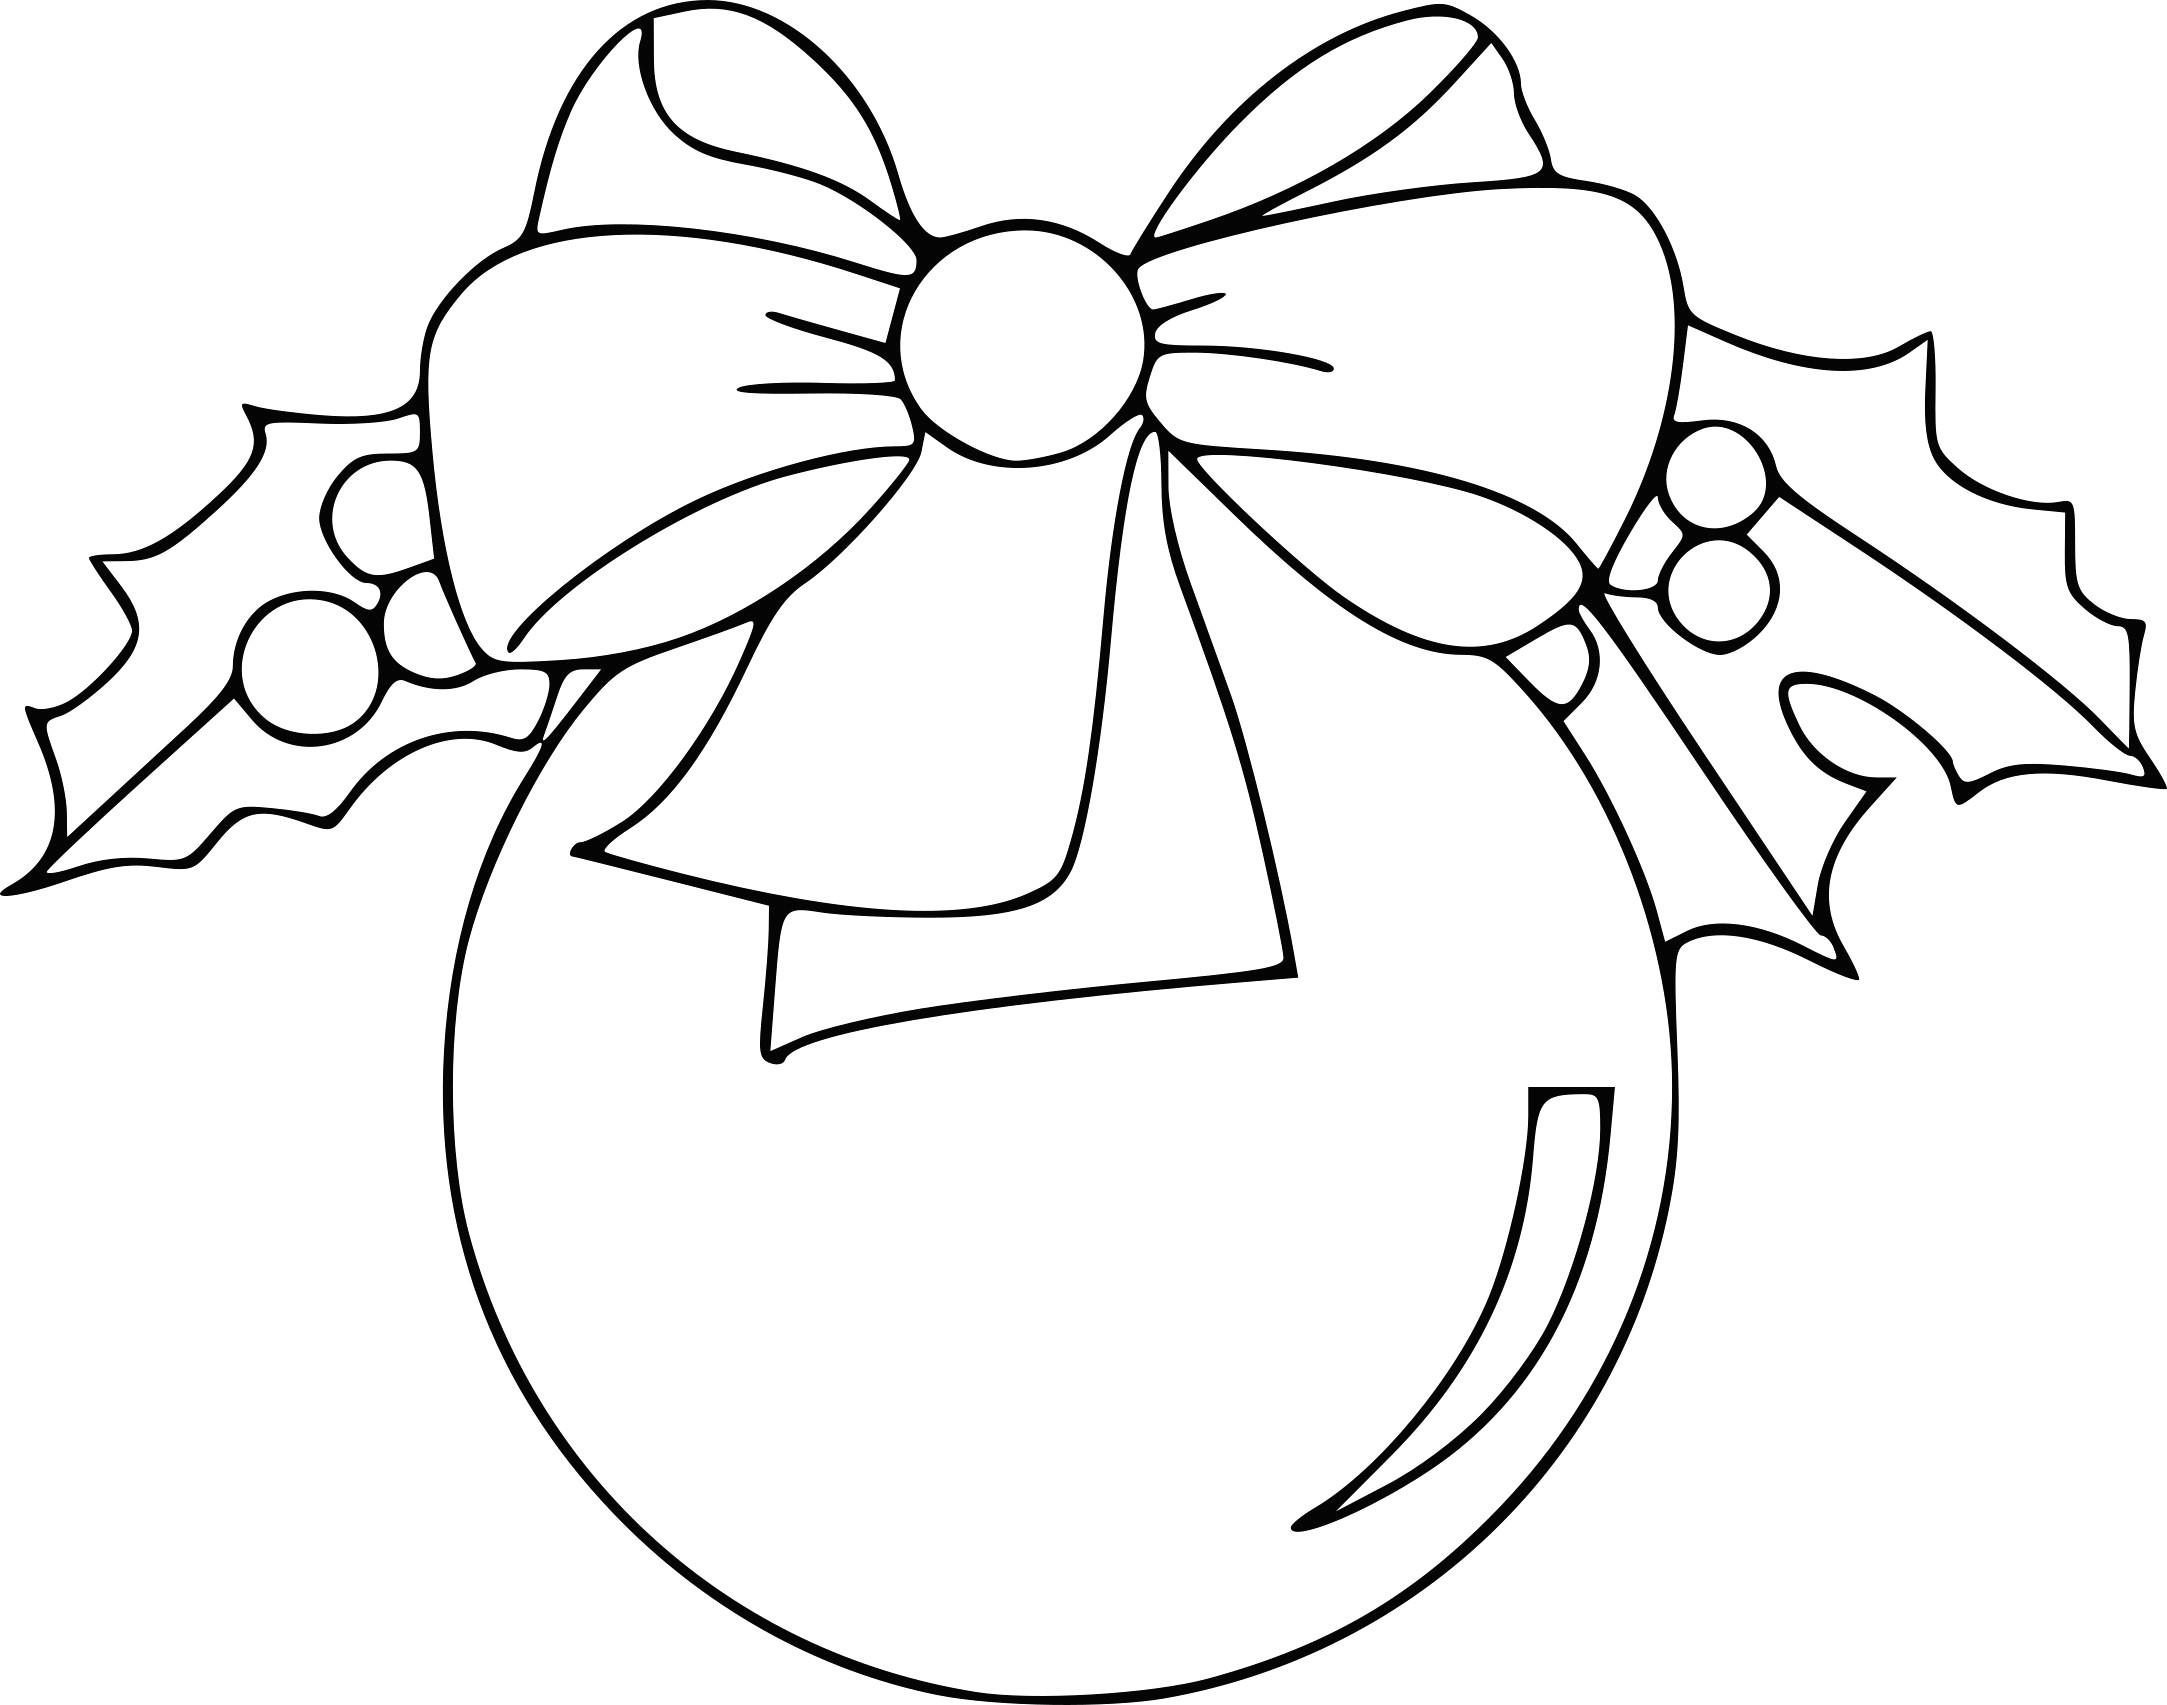 Coloriage Boule Sapin Noel Imprimer Sur Coloriages  Avec dedans Coloriage De Sapin De Noel A Imprimer Gratuit